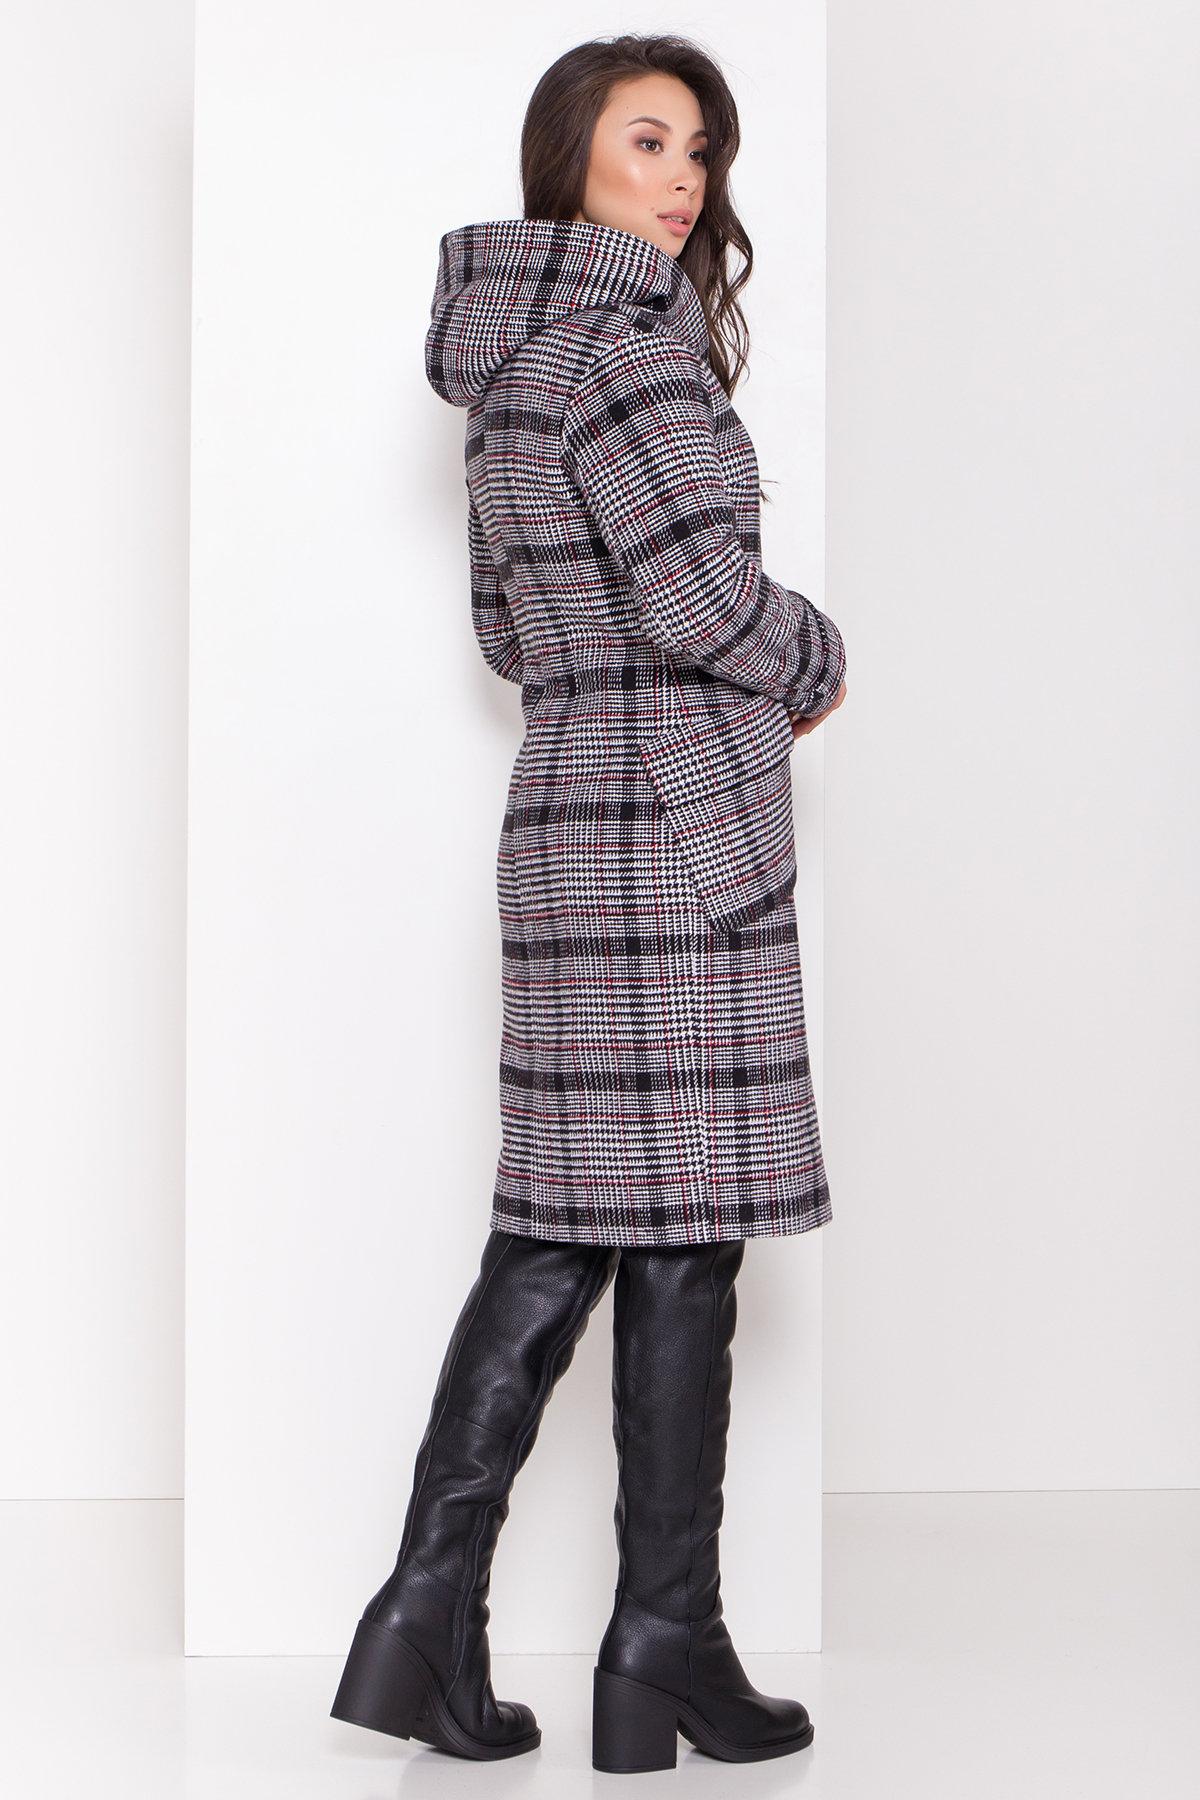 Зимнее пальто в стильную клетку Анджи 8276 АРТ. 44386 Цвет: Клетка кр черн/бел/кр - фото 4, интернет магазин tm-modus.ru